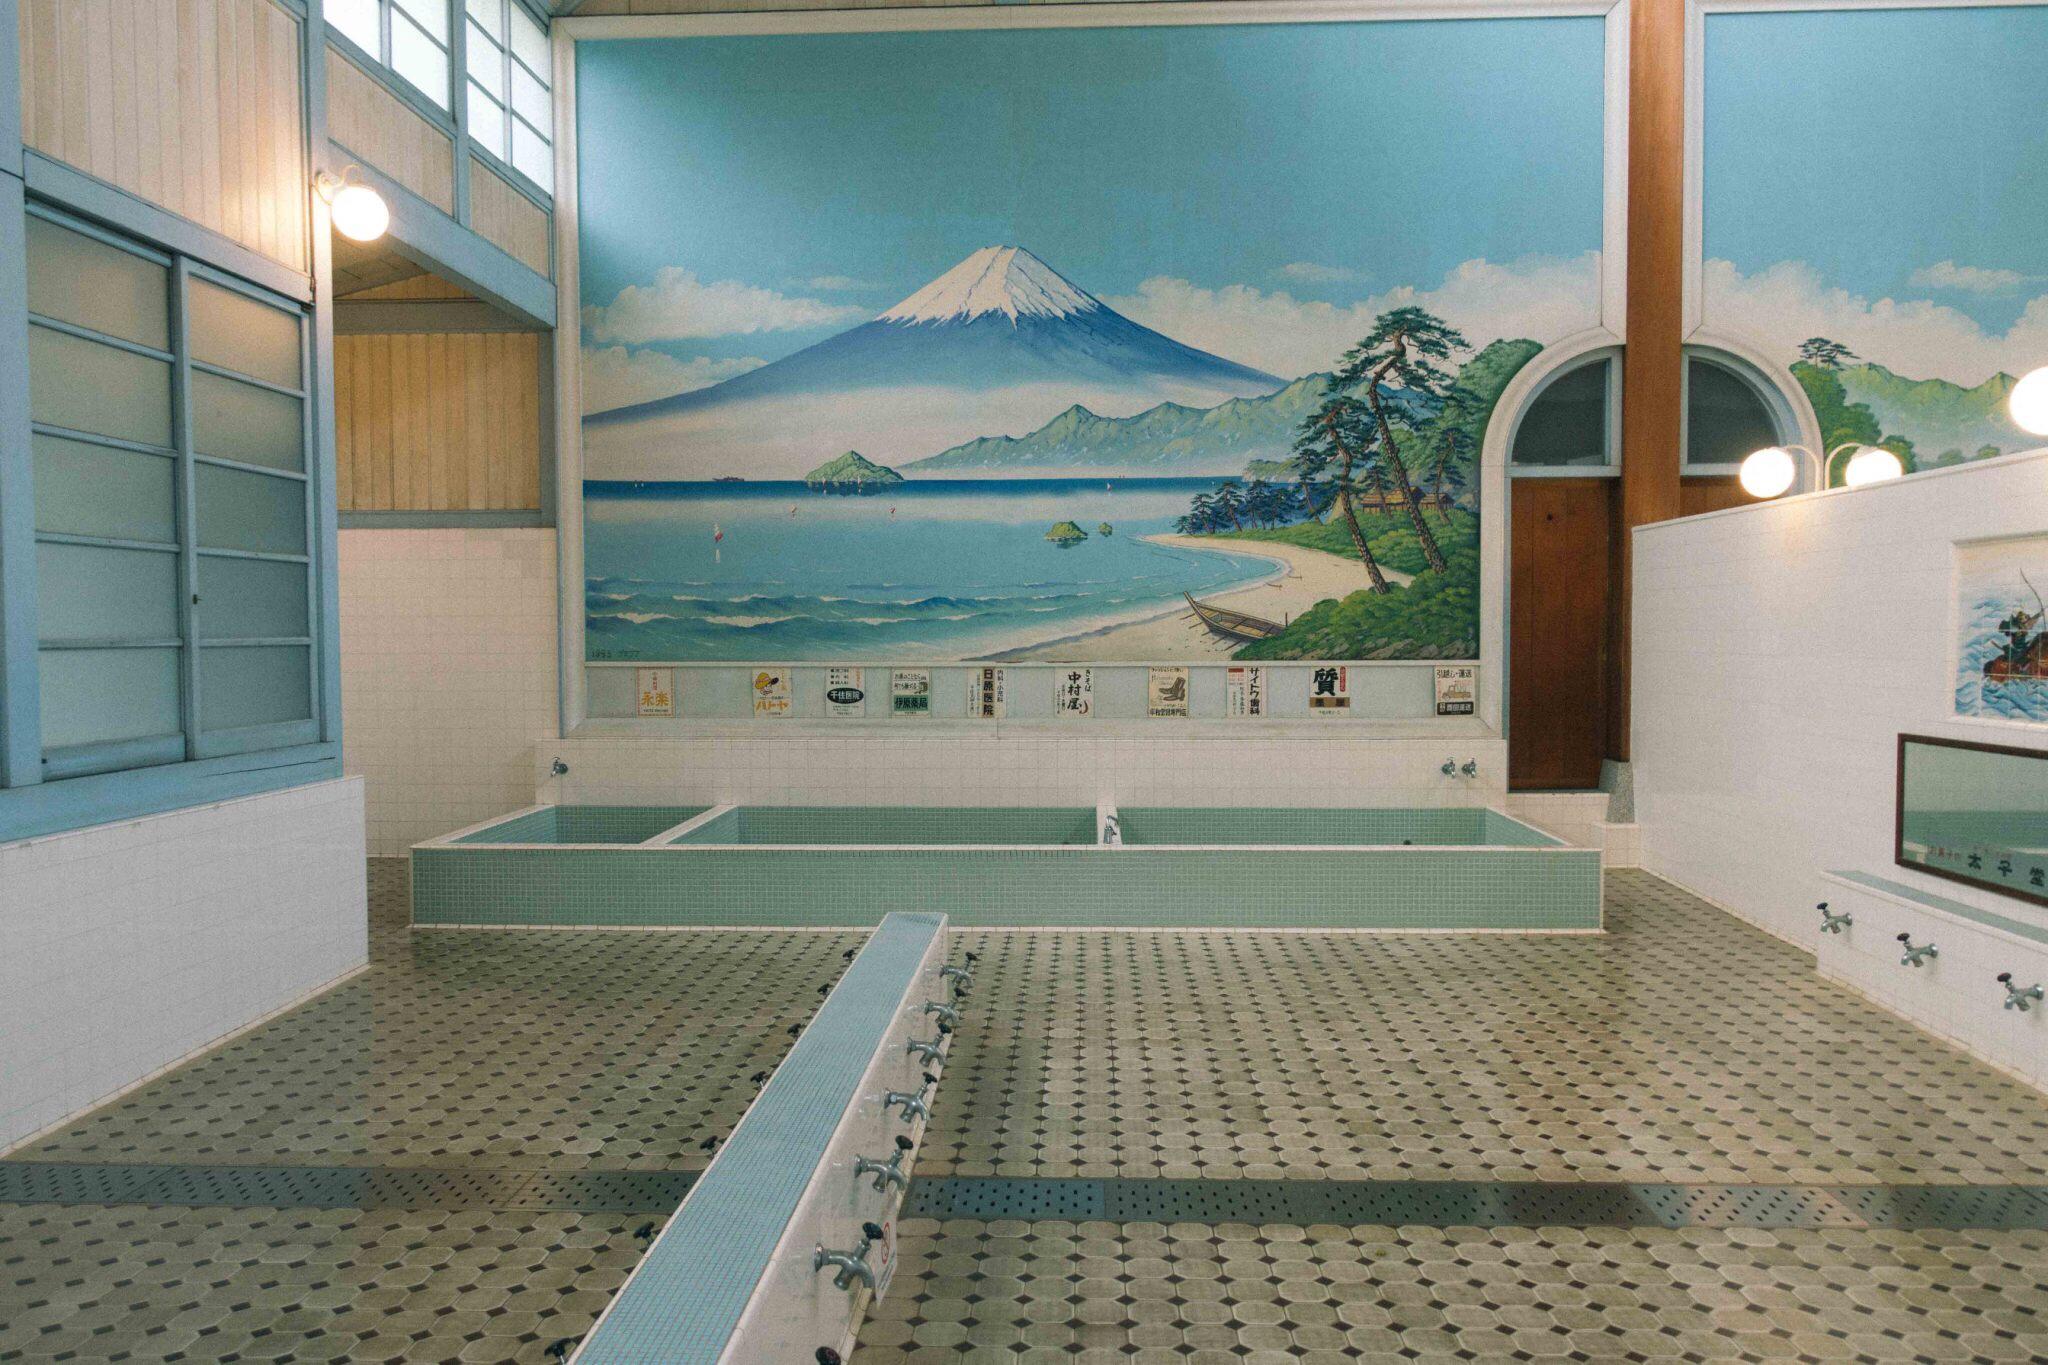 お風呂は38〜40℃のぬるま湯がpoint!